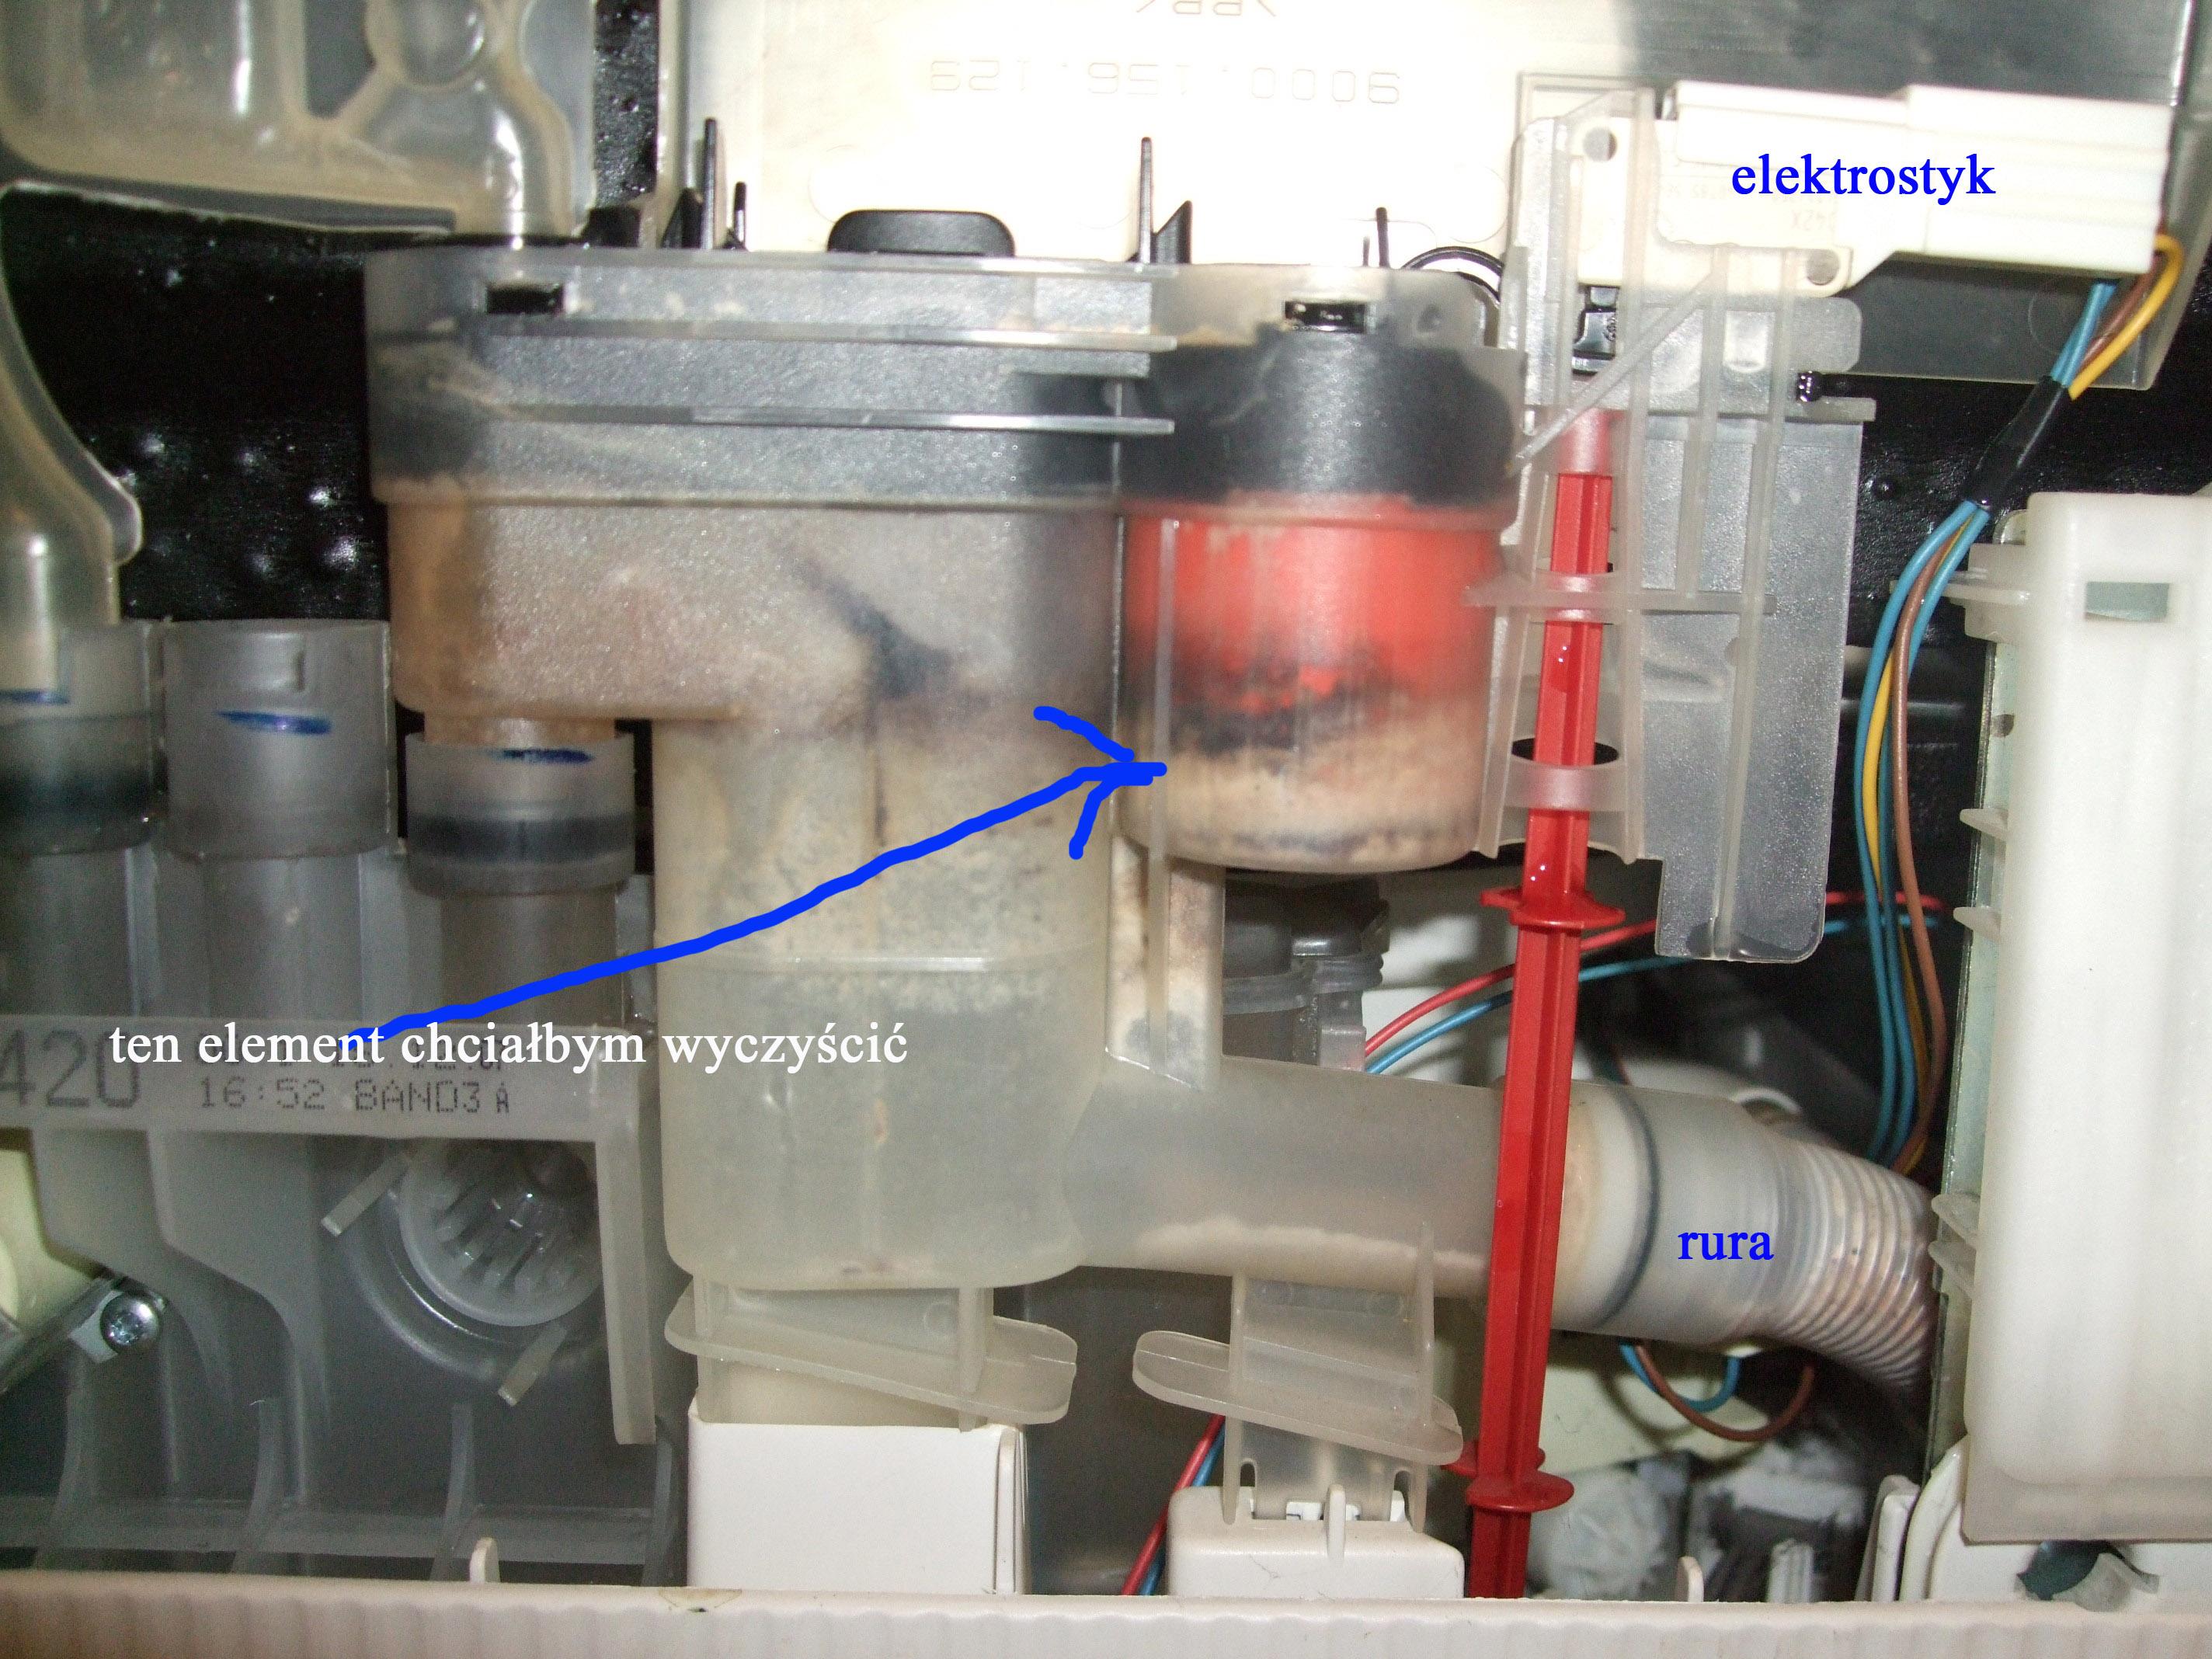 Zmywarka Bosch sd1301b zakamienione elementy zmywarki, kranik